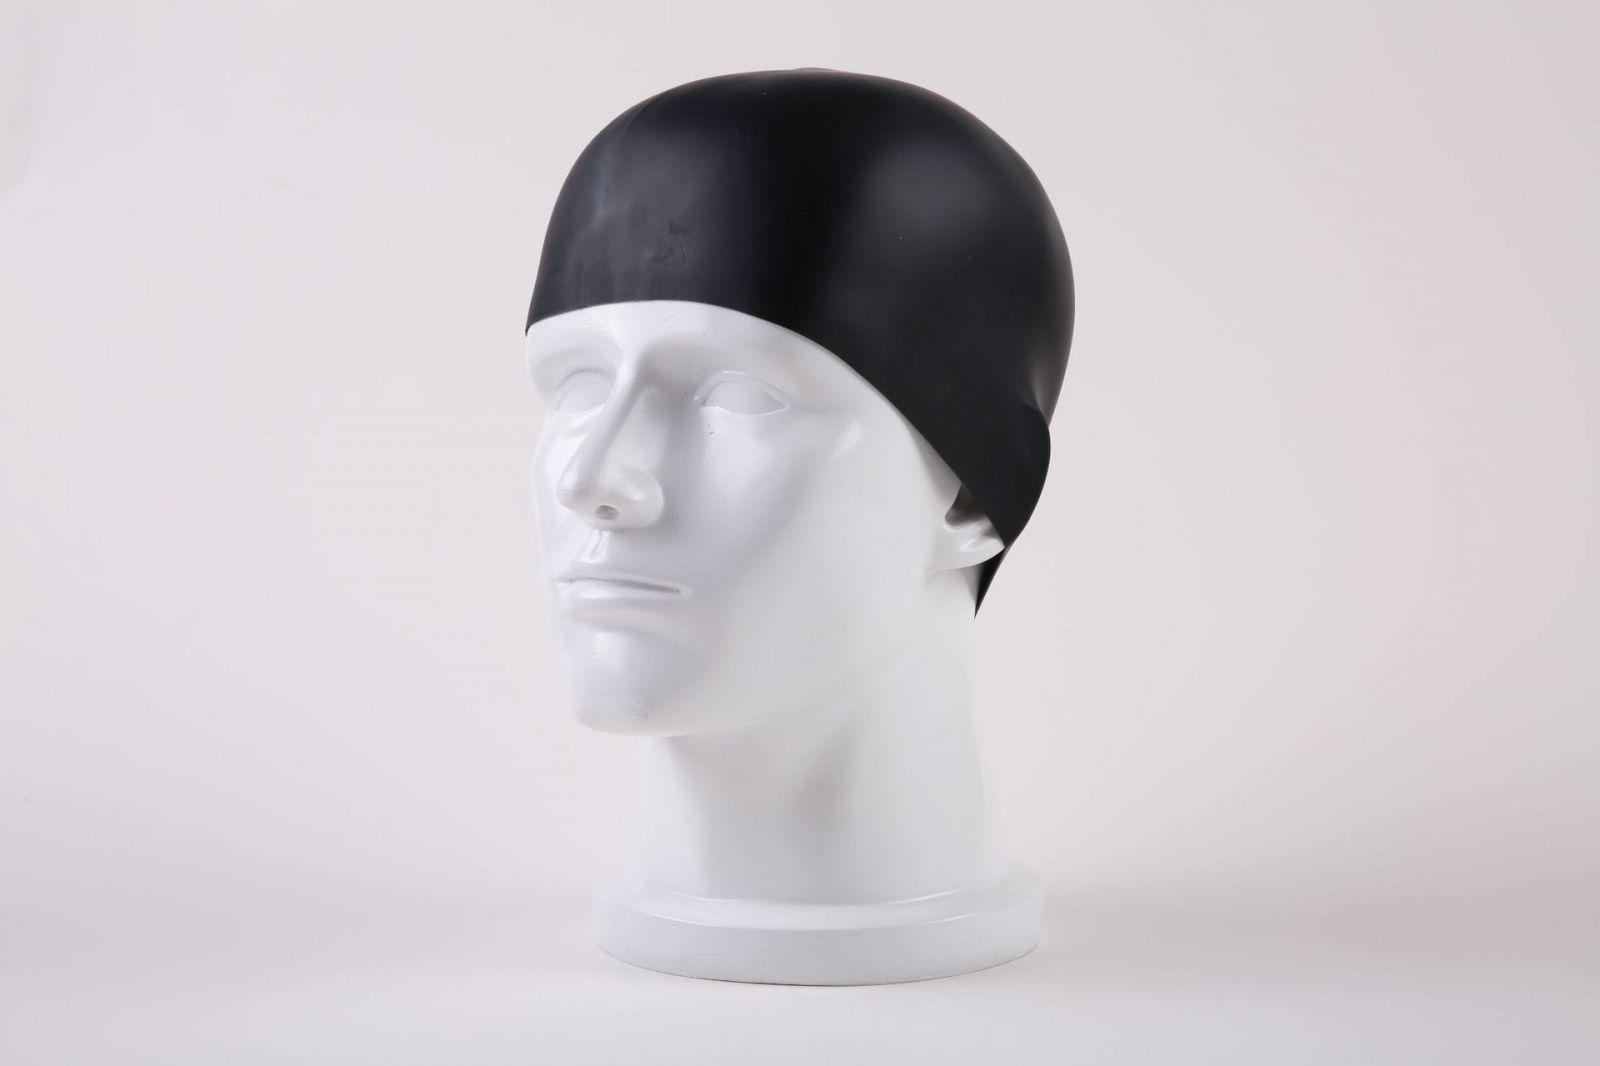 Mũ Bơi Silicon Chống Nước Thời Trang